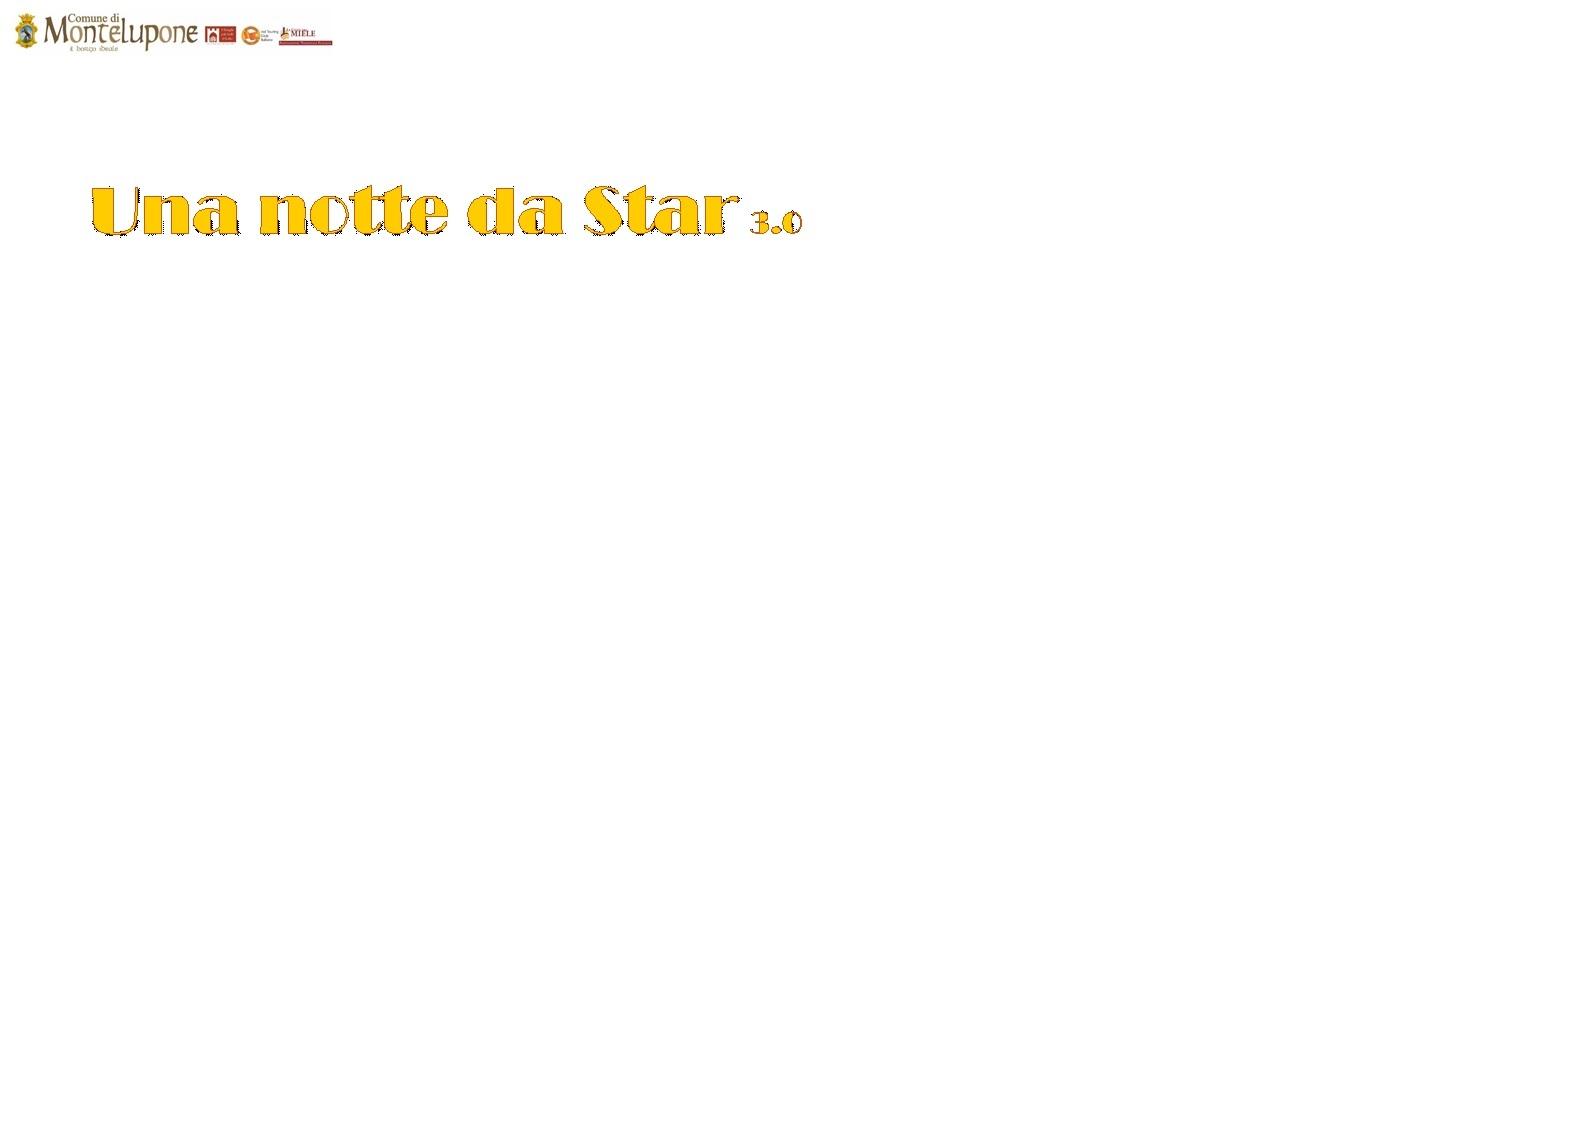 Una Notte da Star 3.0